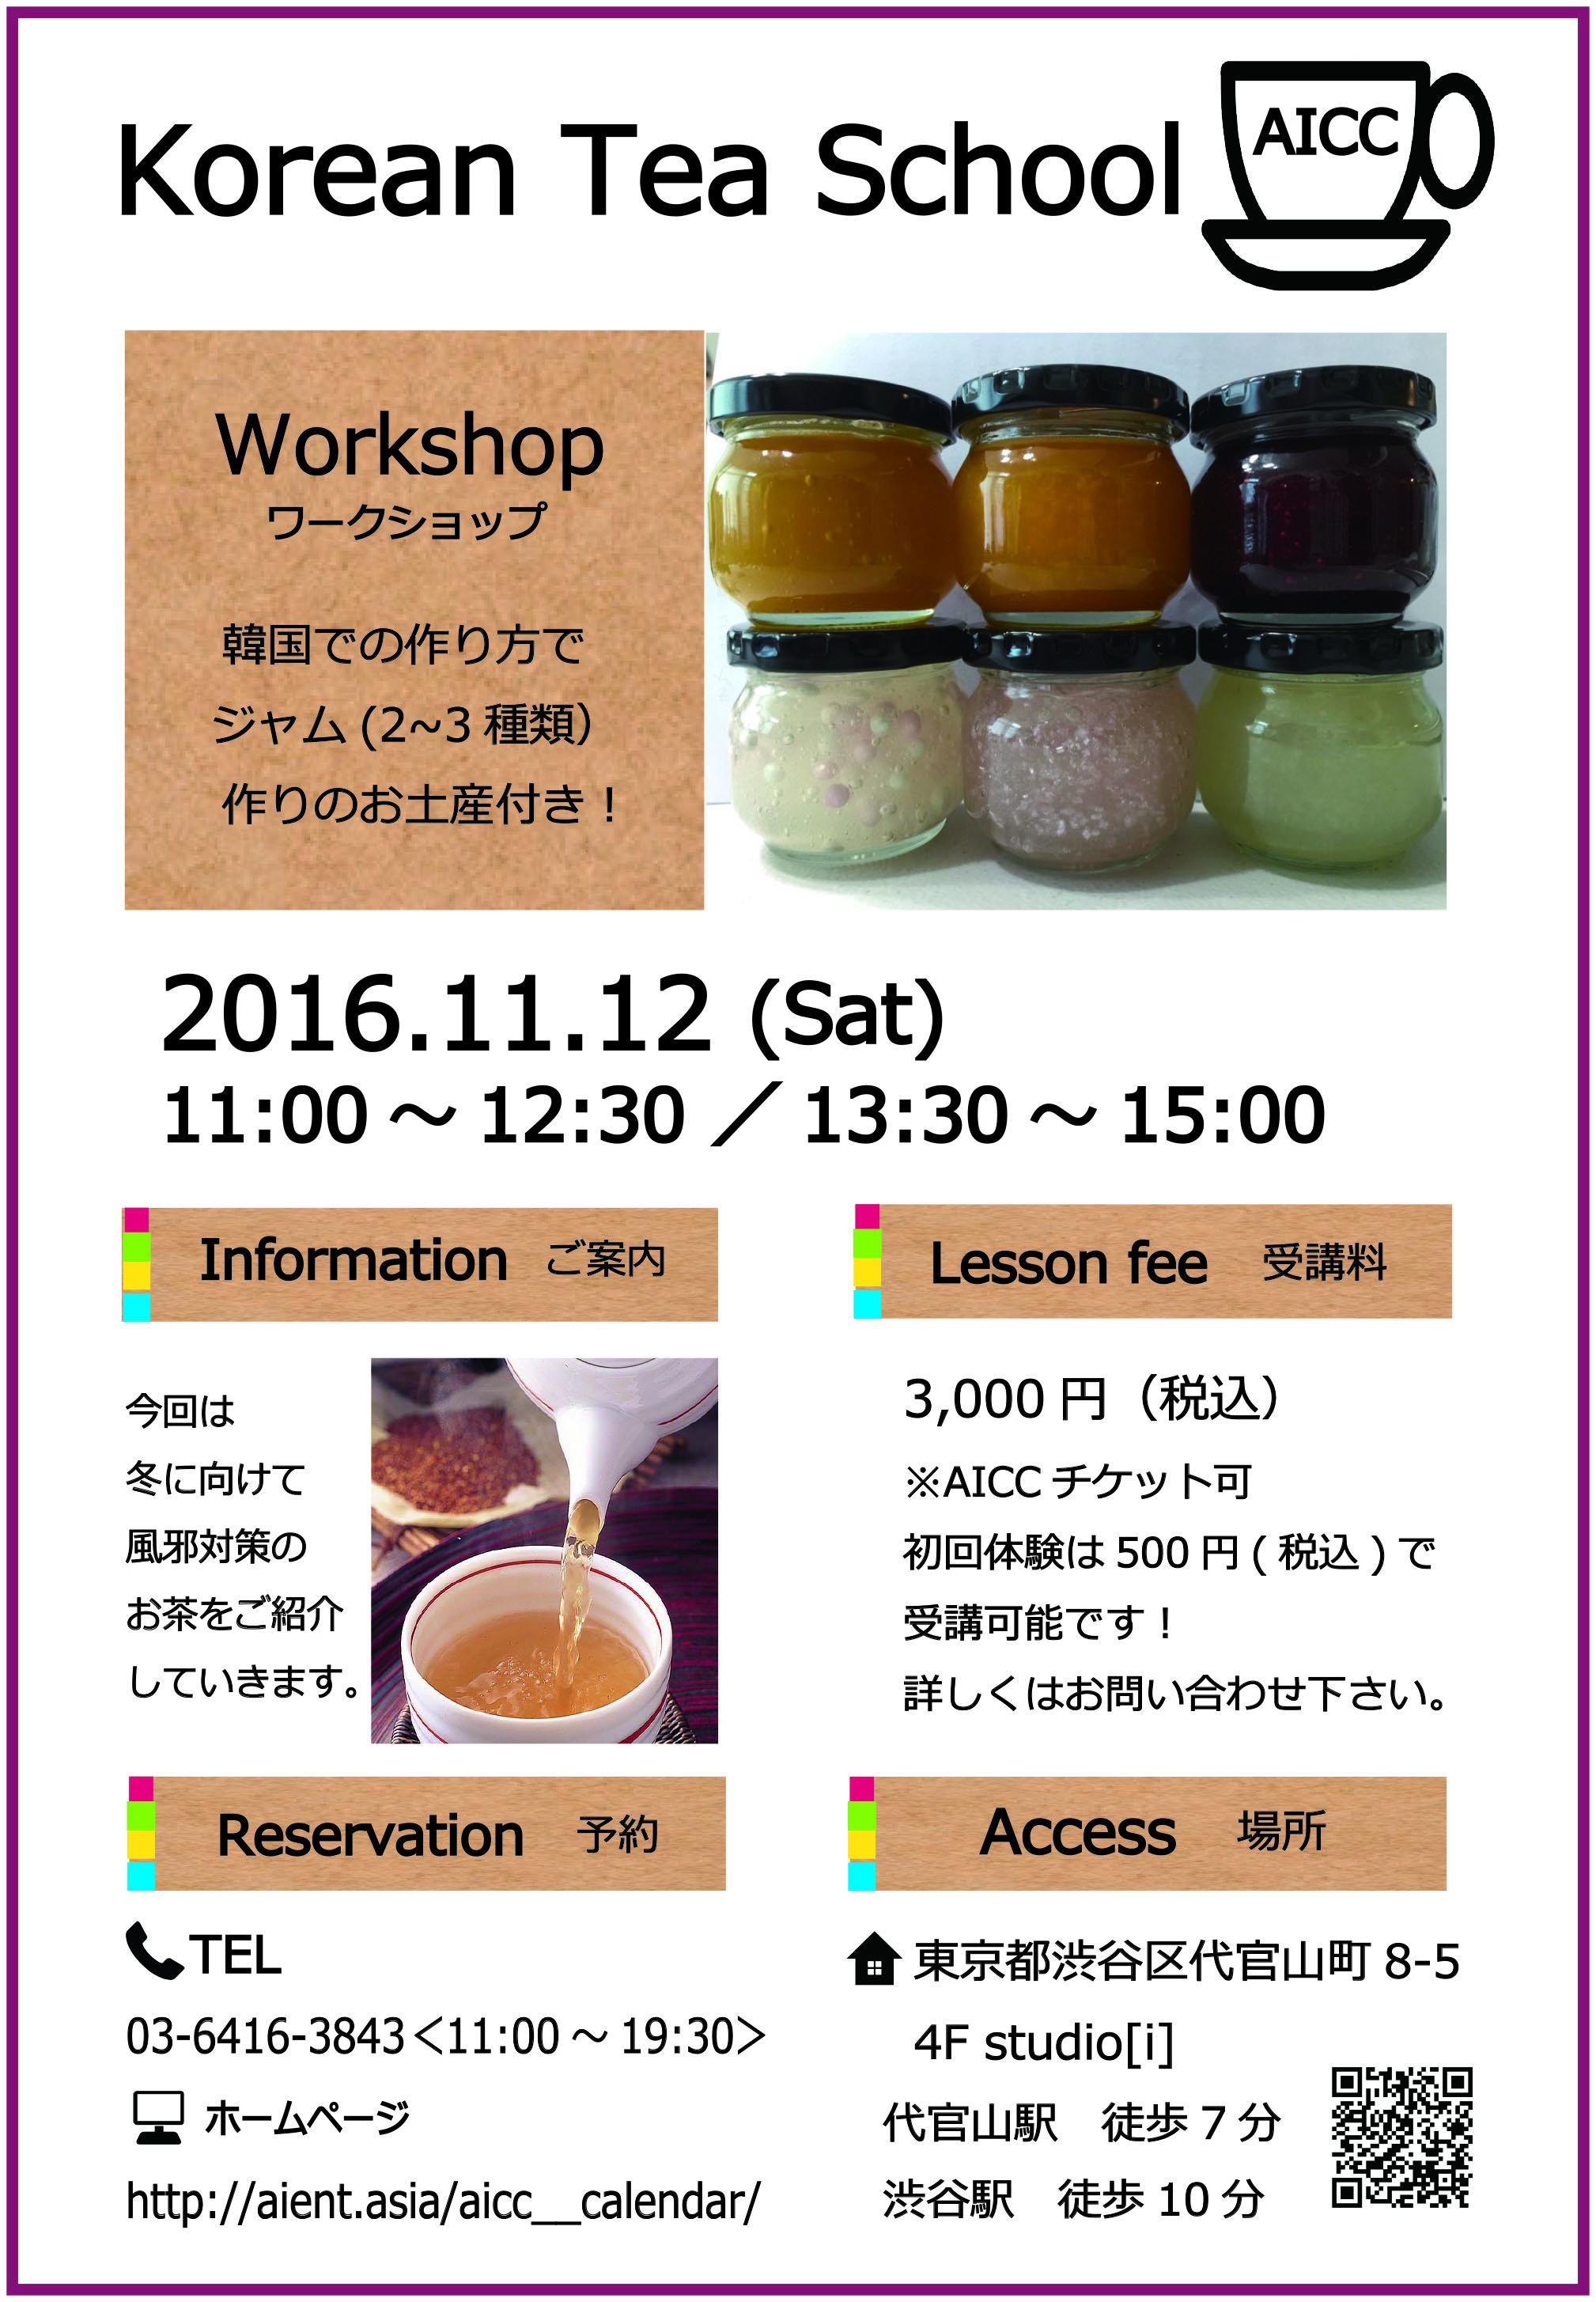 11月12日韓国茶講座 ~冬に向けて風邪対策①+韓国での作り方でジャム作り~